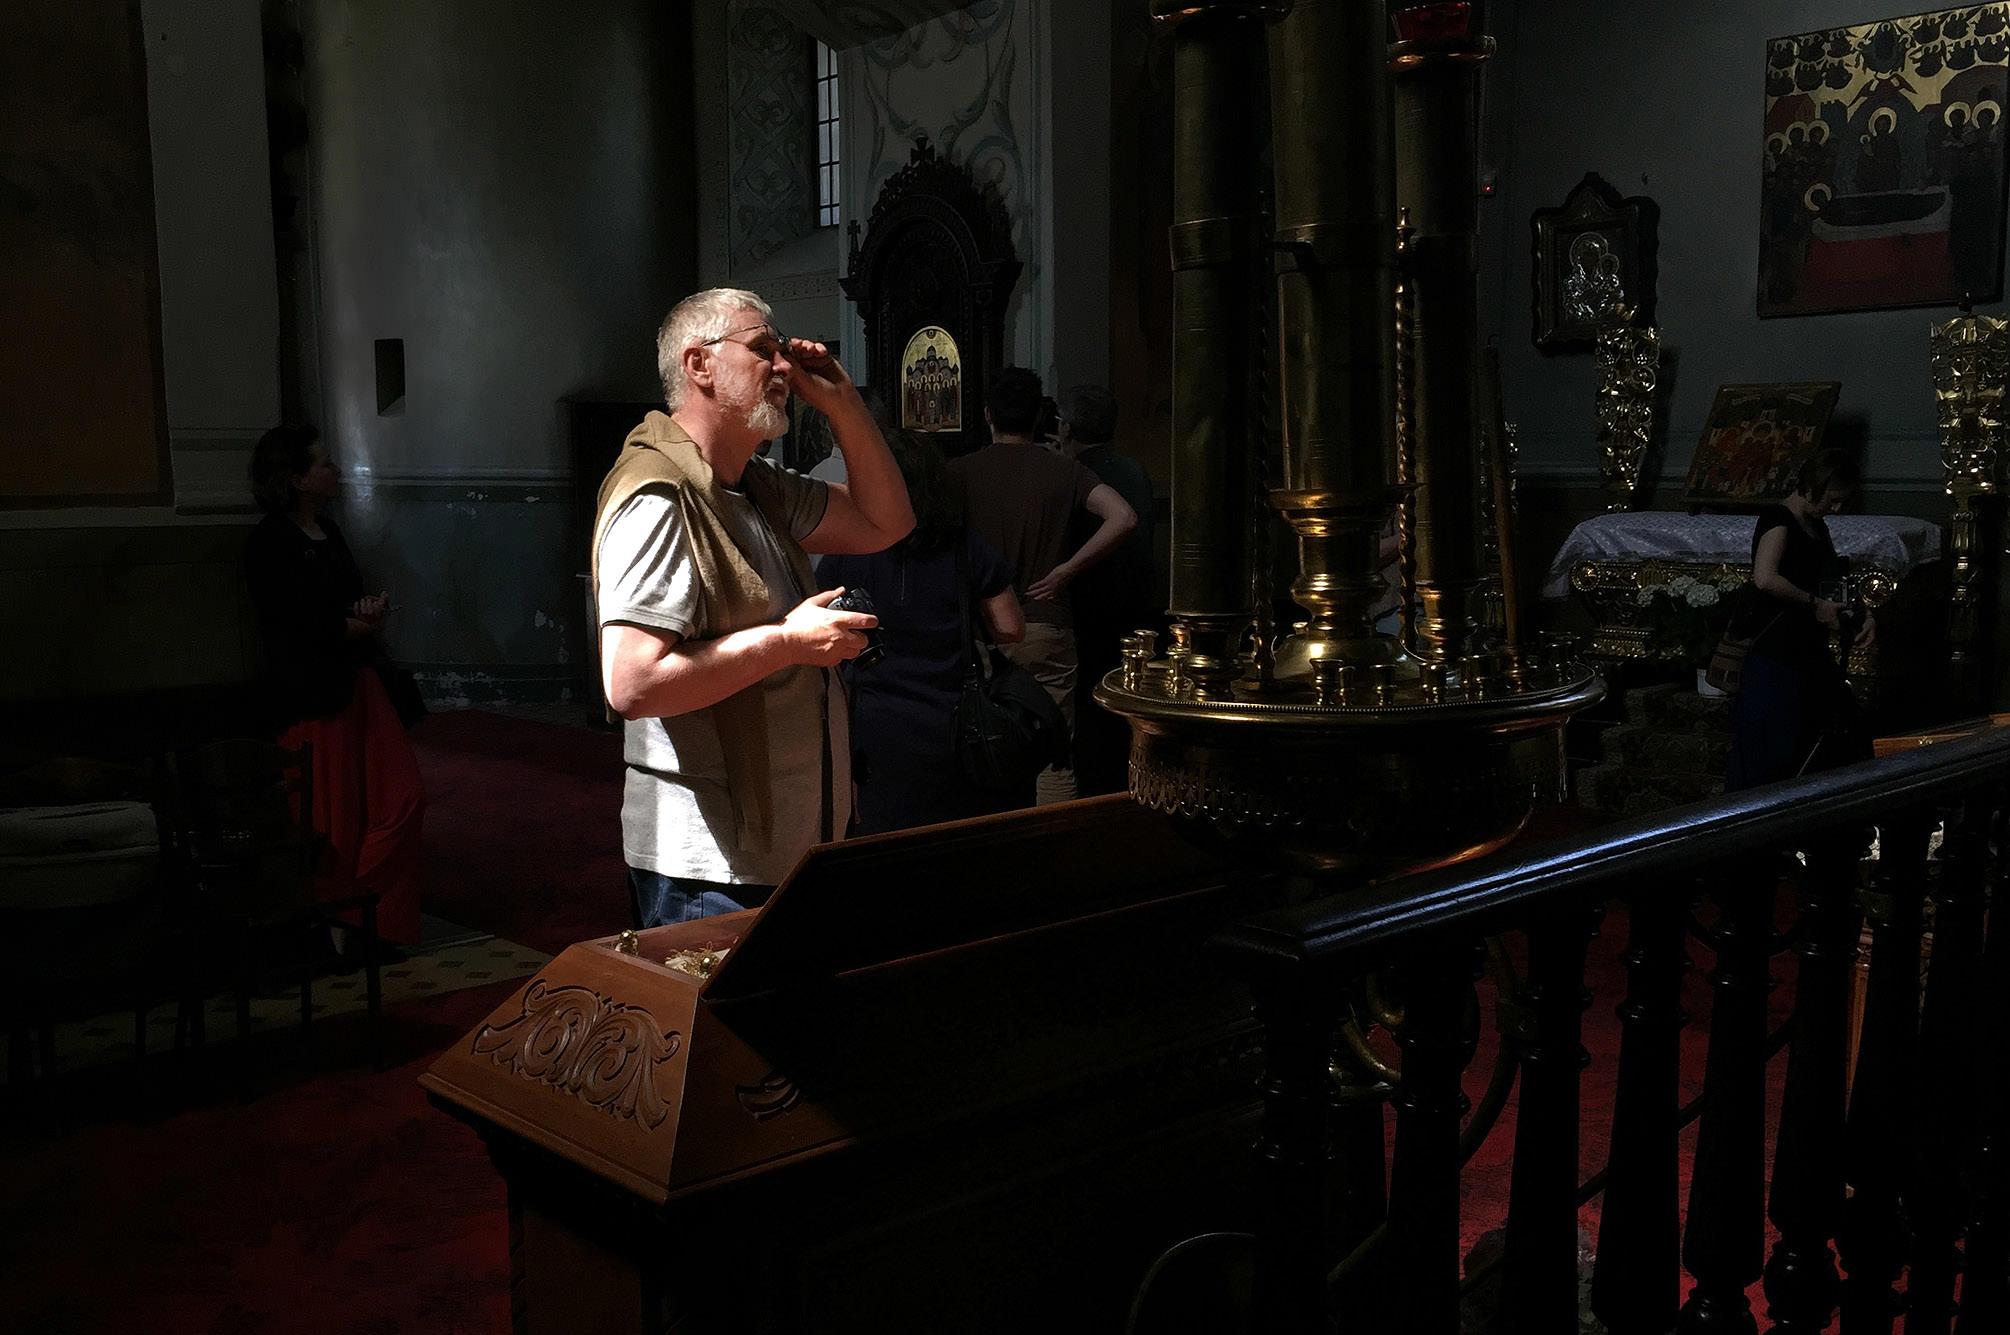 Warsztaty fotograficzne w Katedrze Prawosławnej pw. Przemienienia Pańskiego w Lublinie